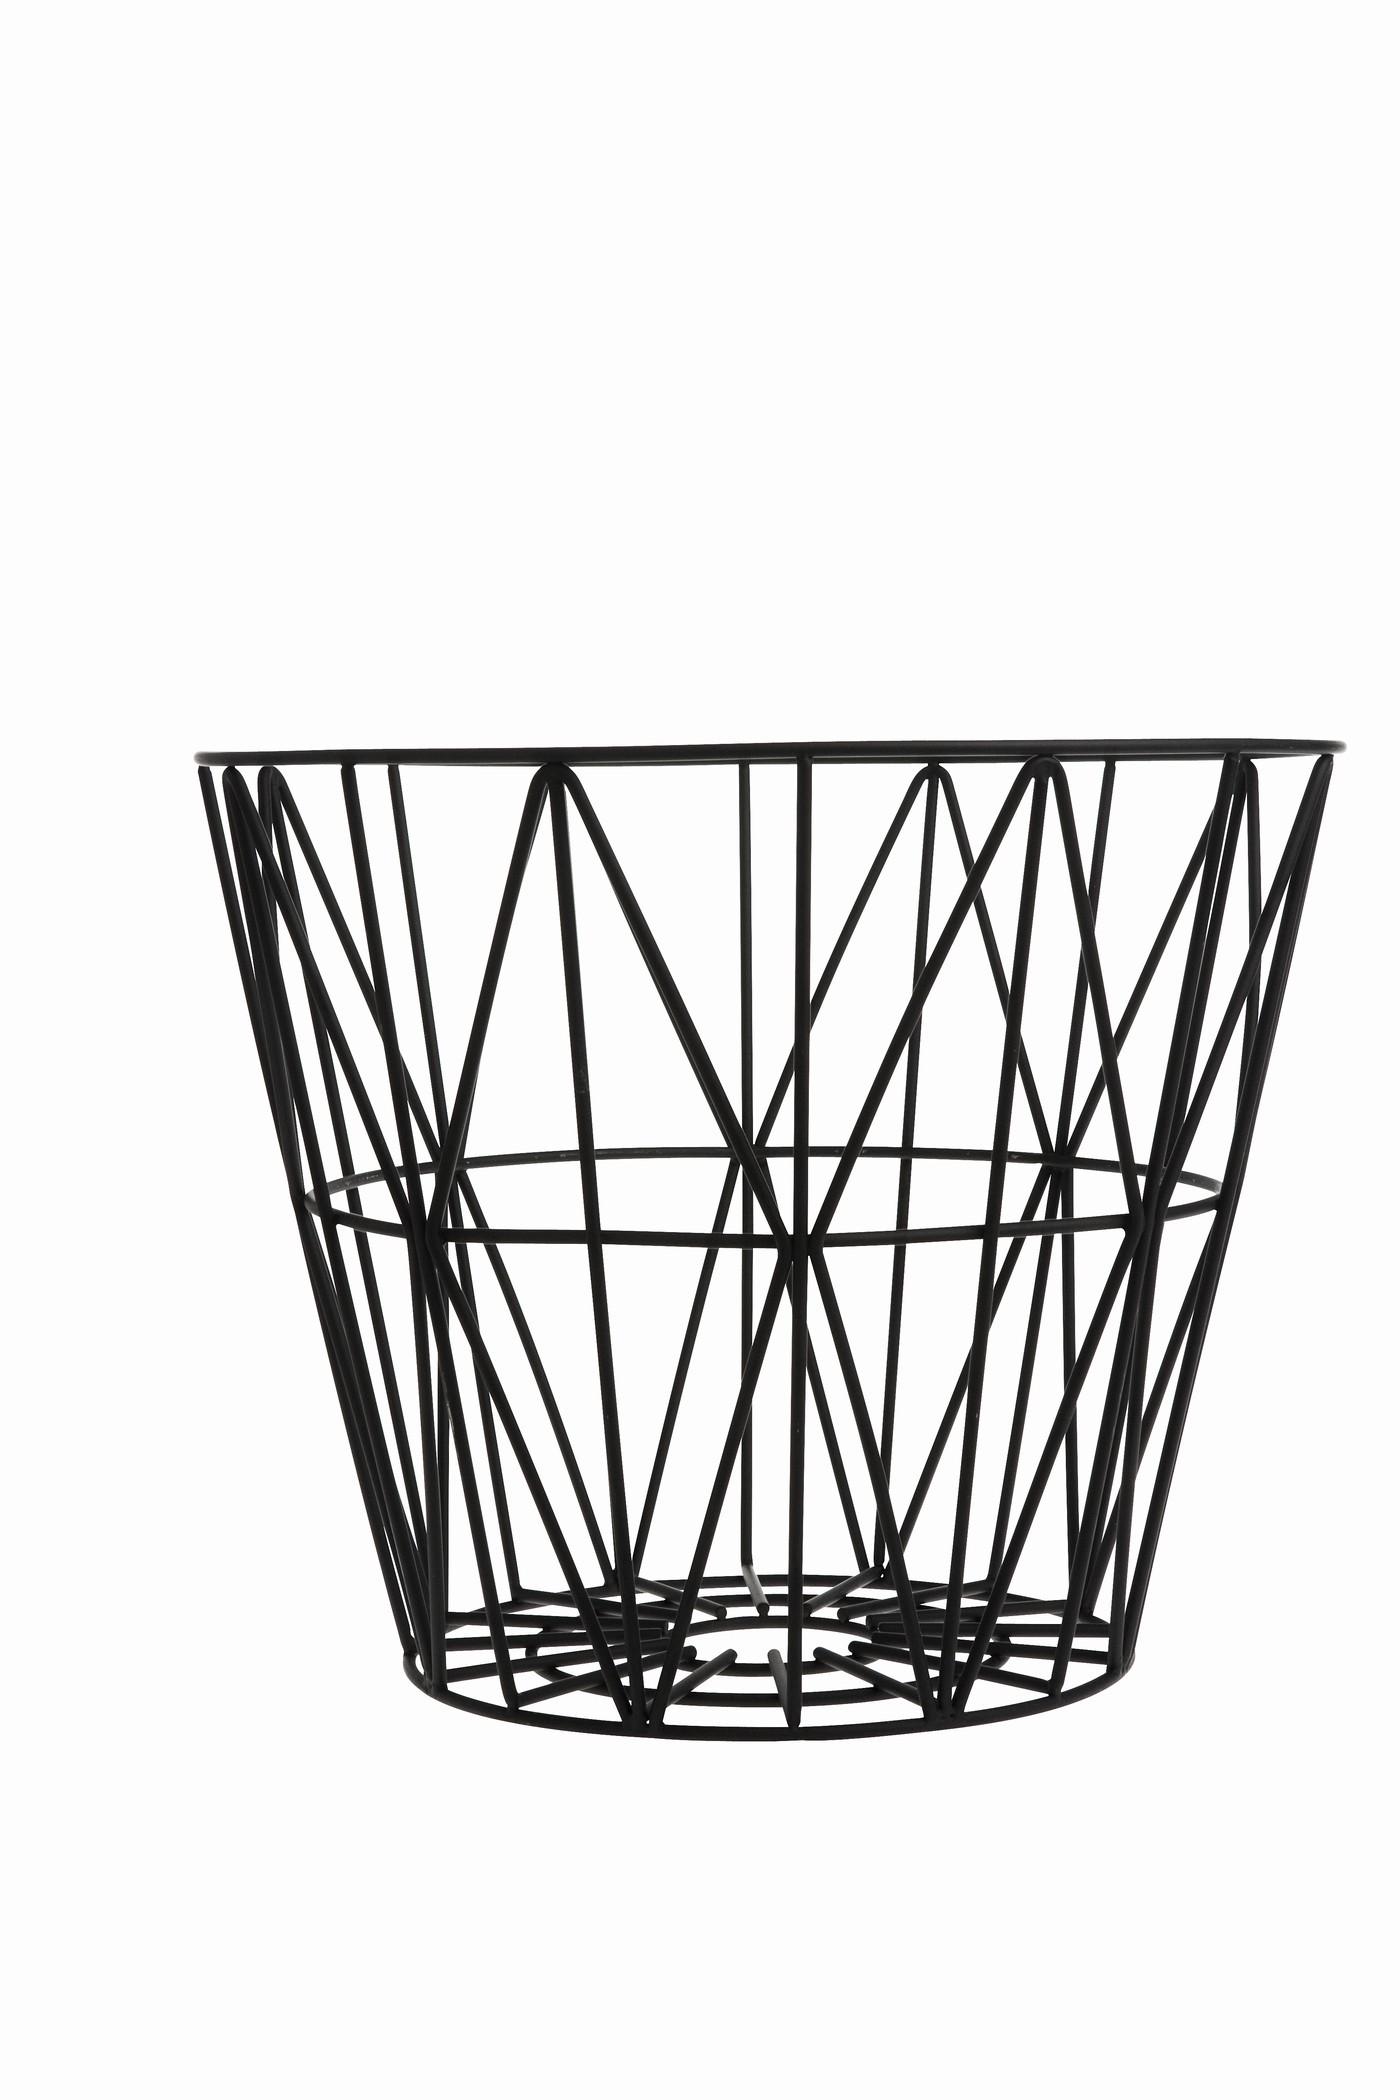 1400x2100 Wire Vintage Laundry Basket Ebony Laundry Shoppe